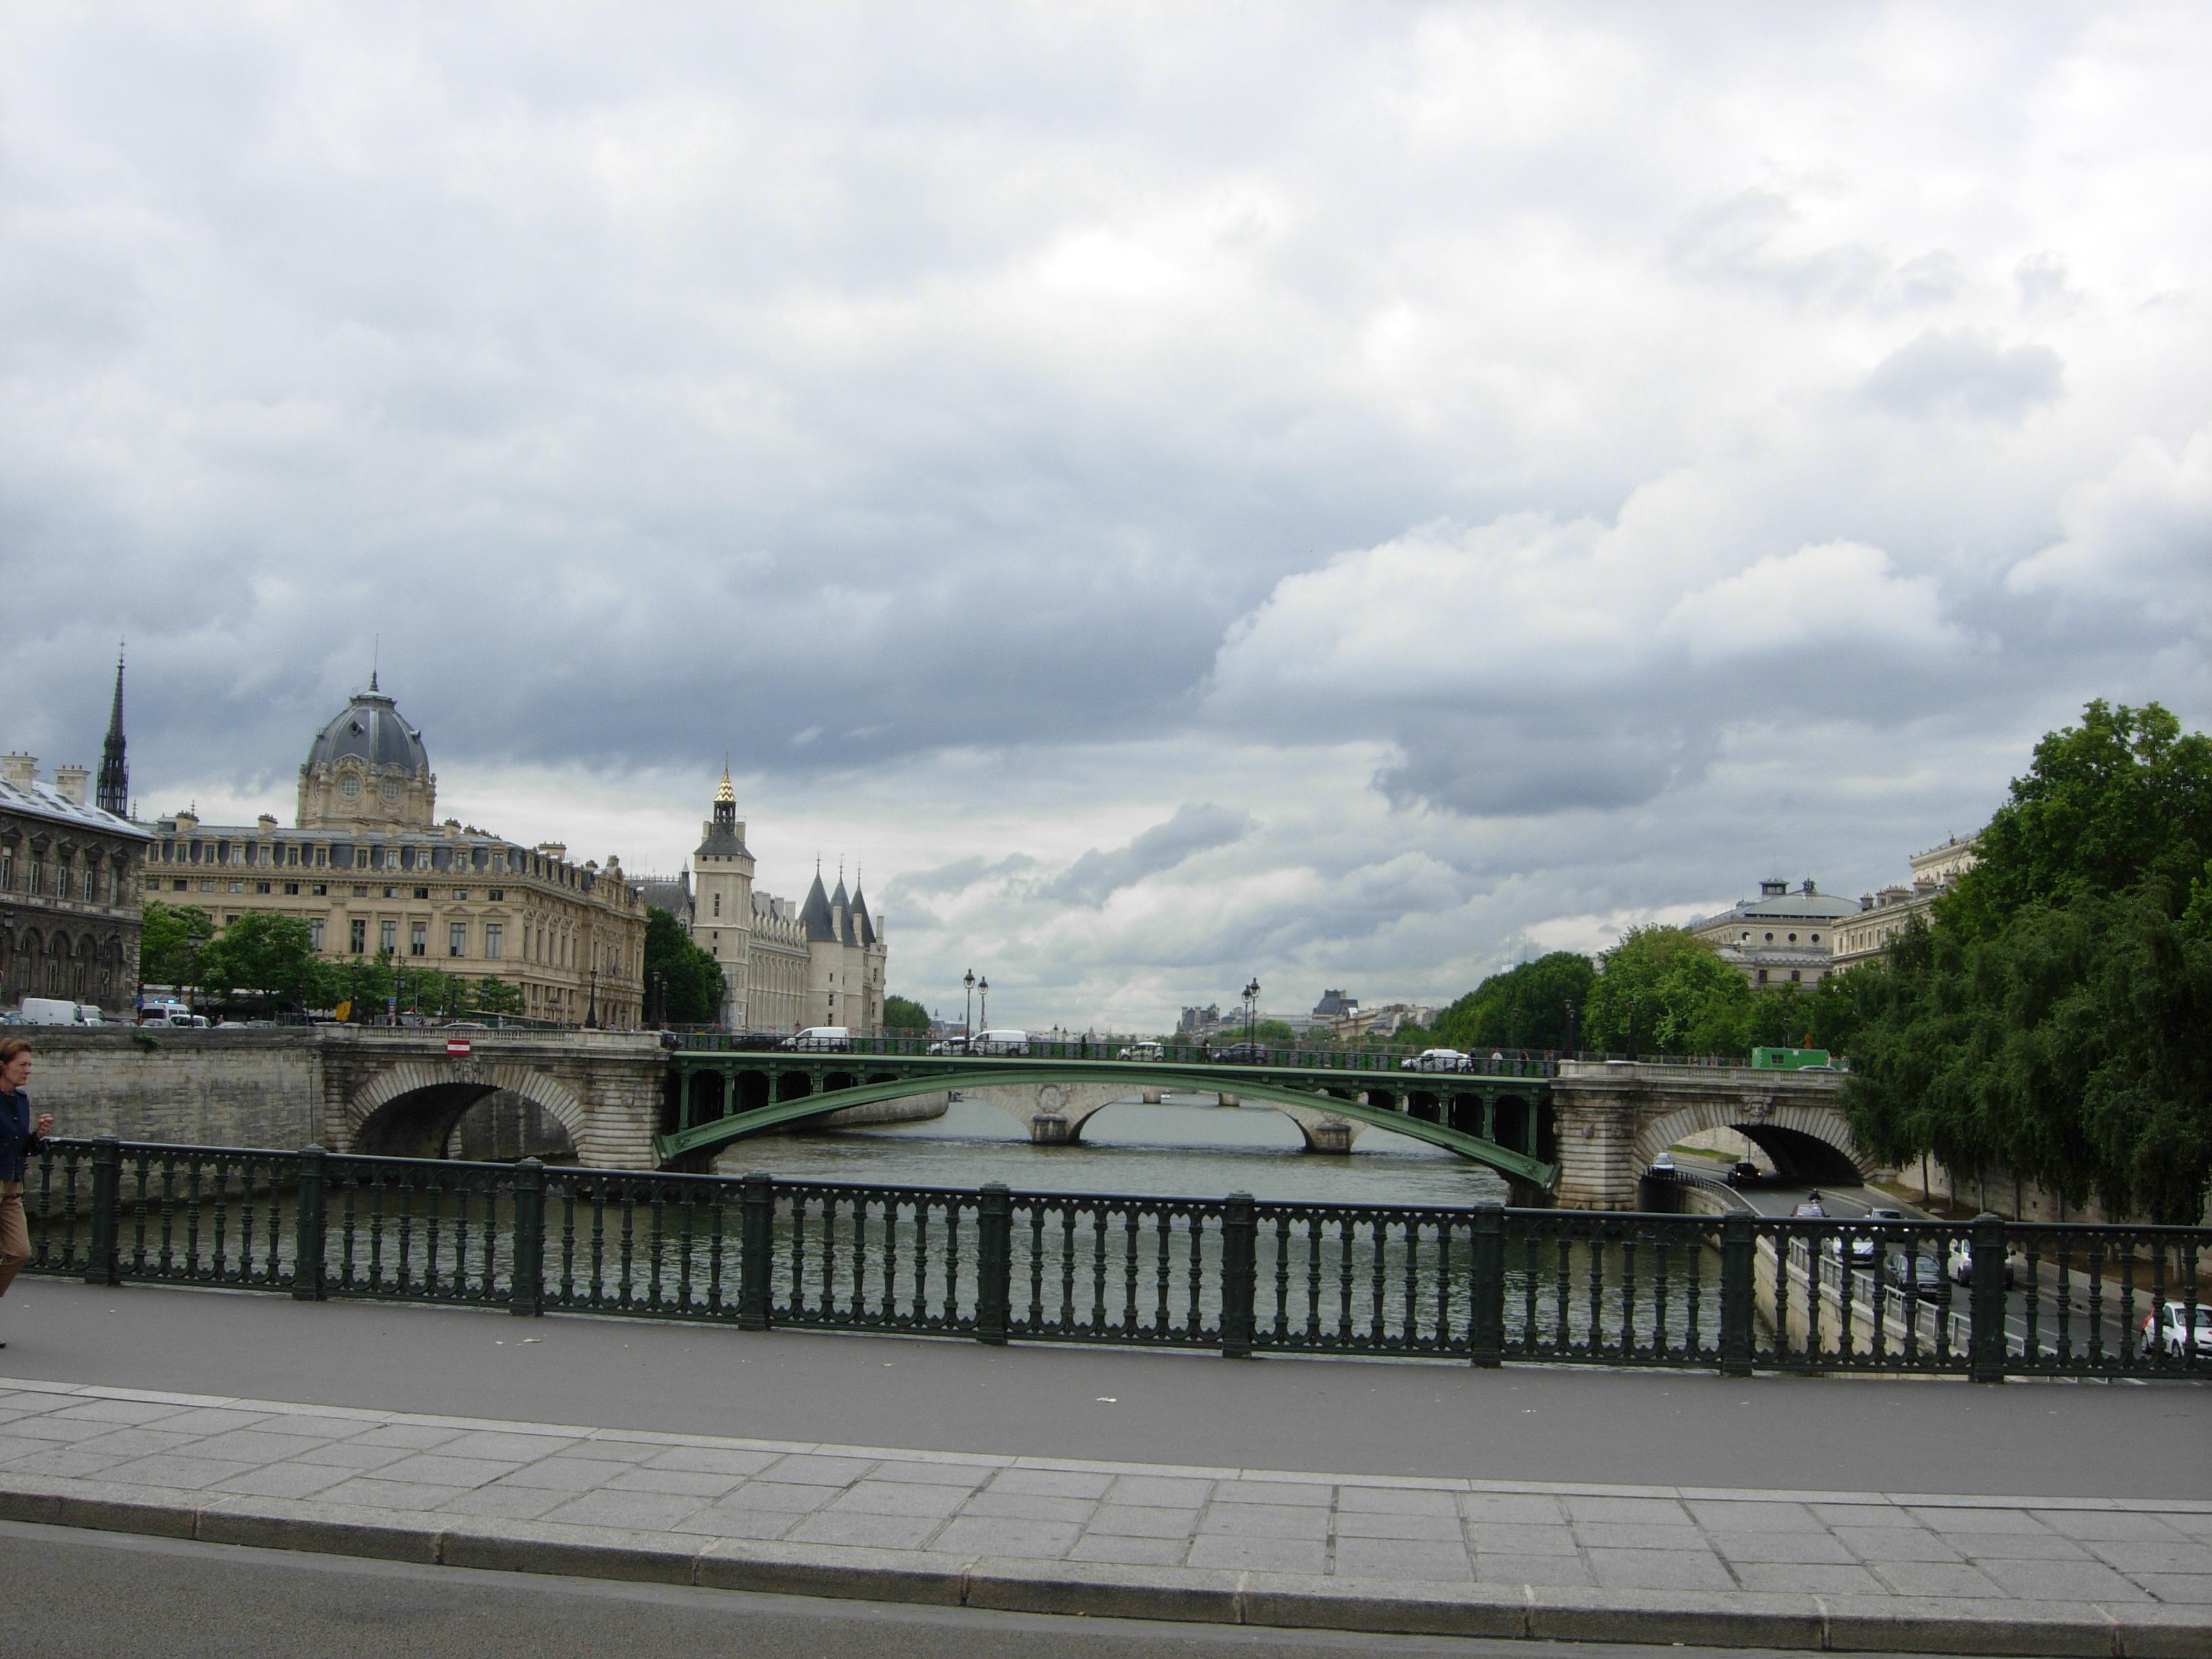 文化巴黎的魅力——卢浮宫、凯旋门……_图1-7